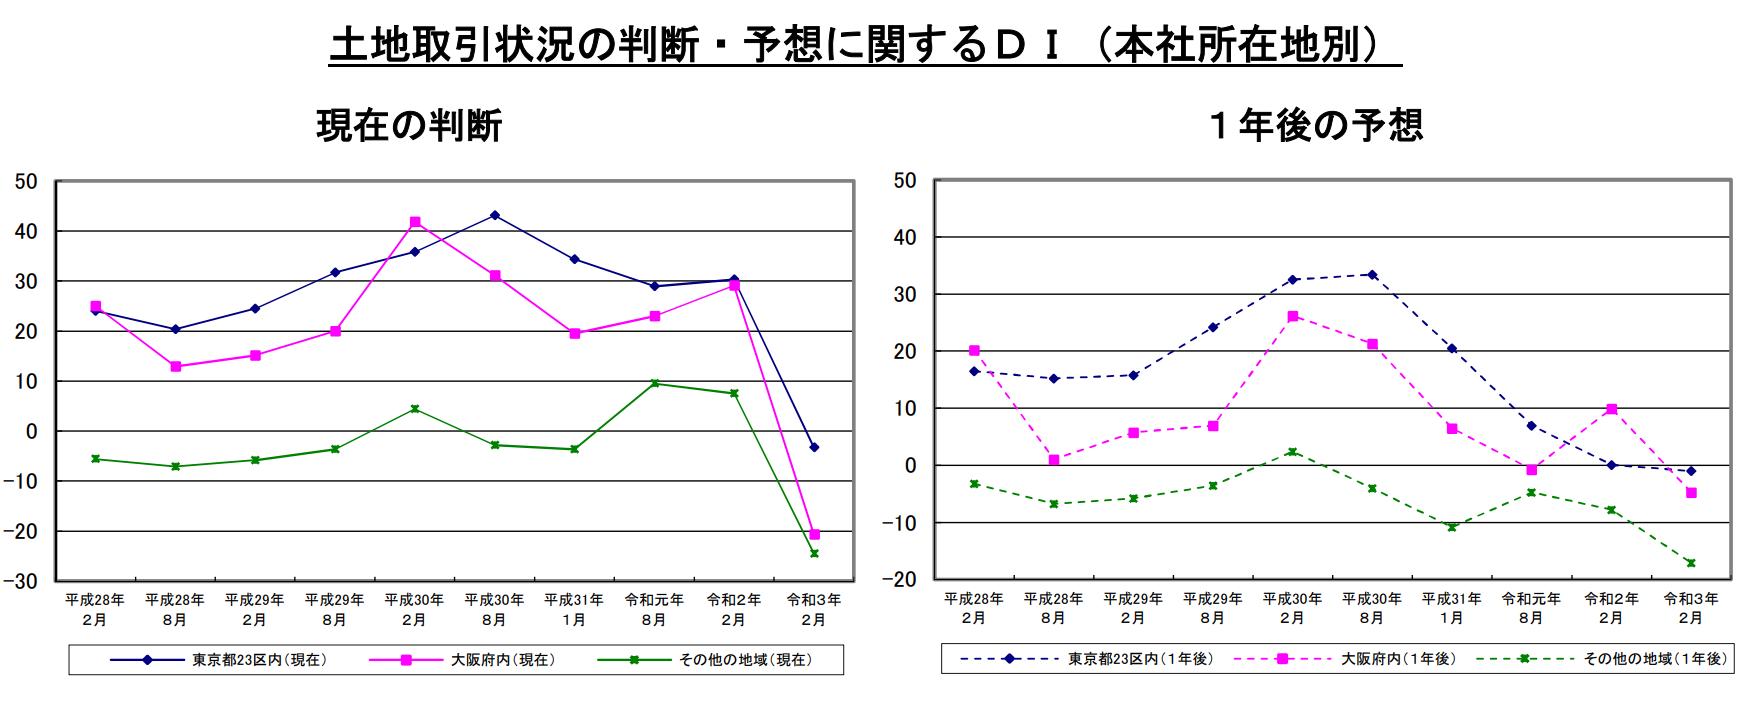 土地取引状況に関する景況判断、東京・大阪とも大幅減少